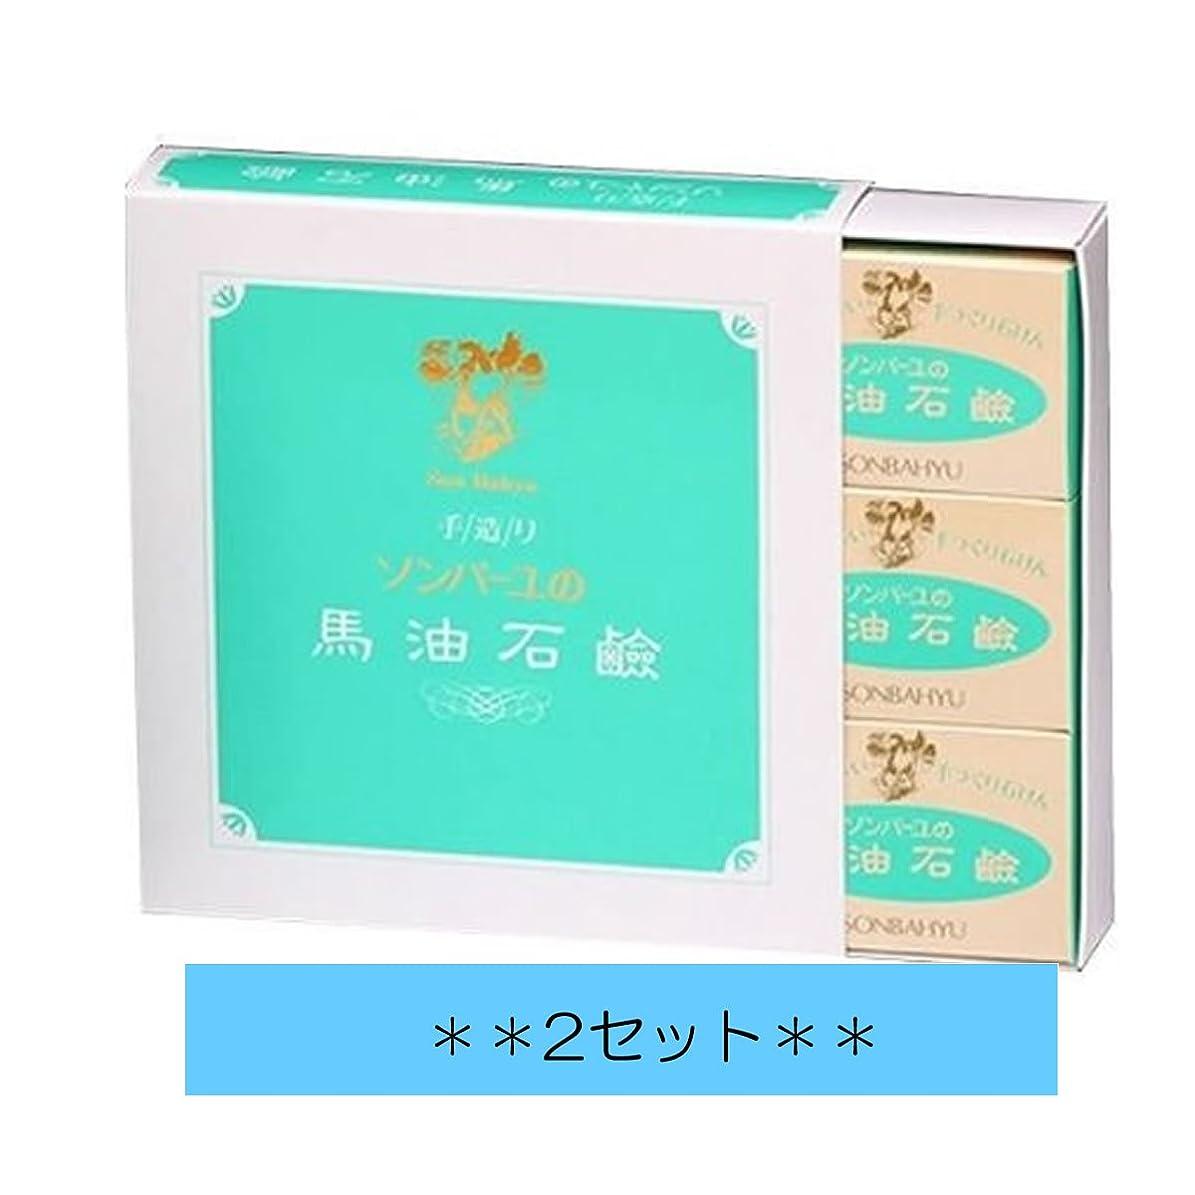 乗って店主創始者【2箱セット】ソンバーユ石鹸 85g×6個